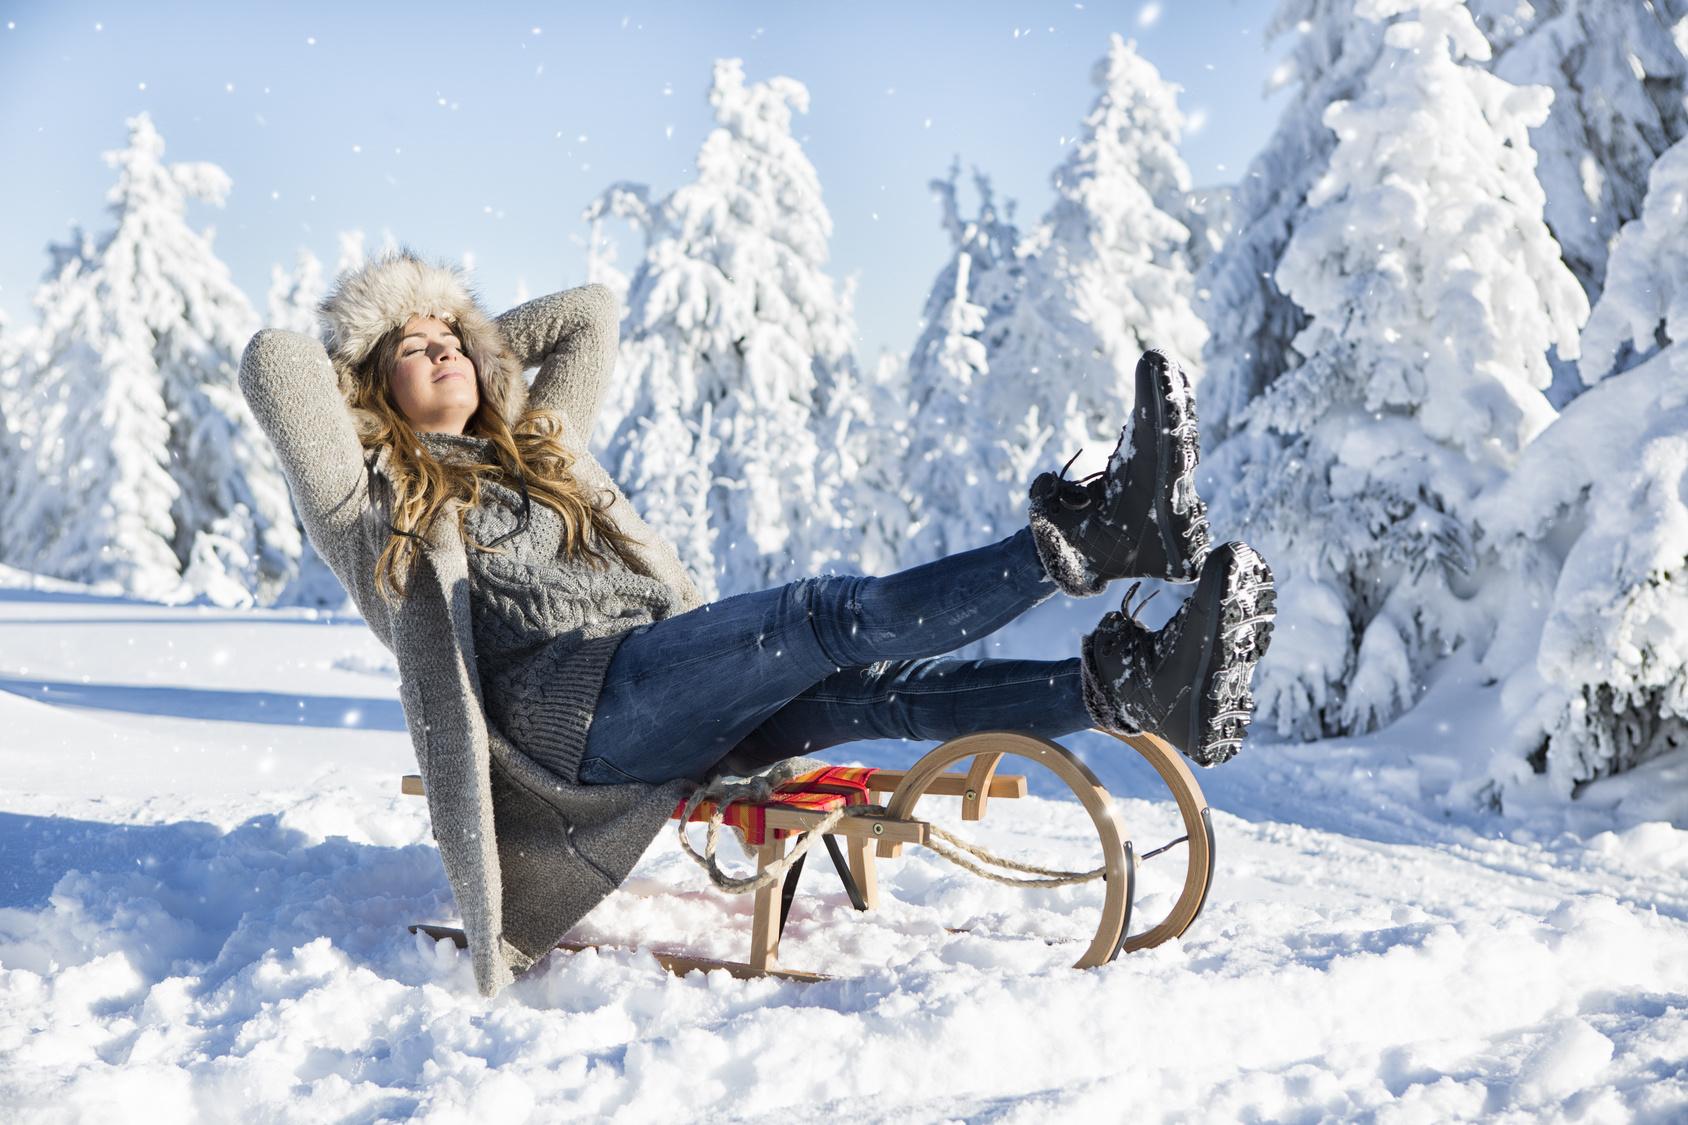 Eine Frau entspannt auf einem Schlitten und genießt den Sonnenschein vor schneebedeckten Tannen.